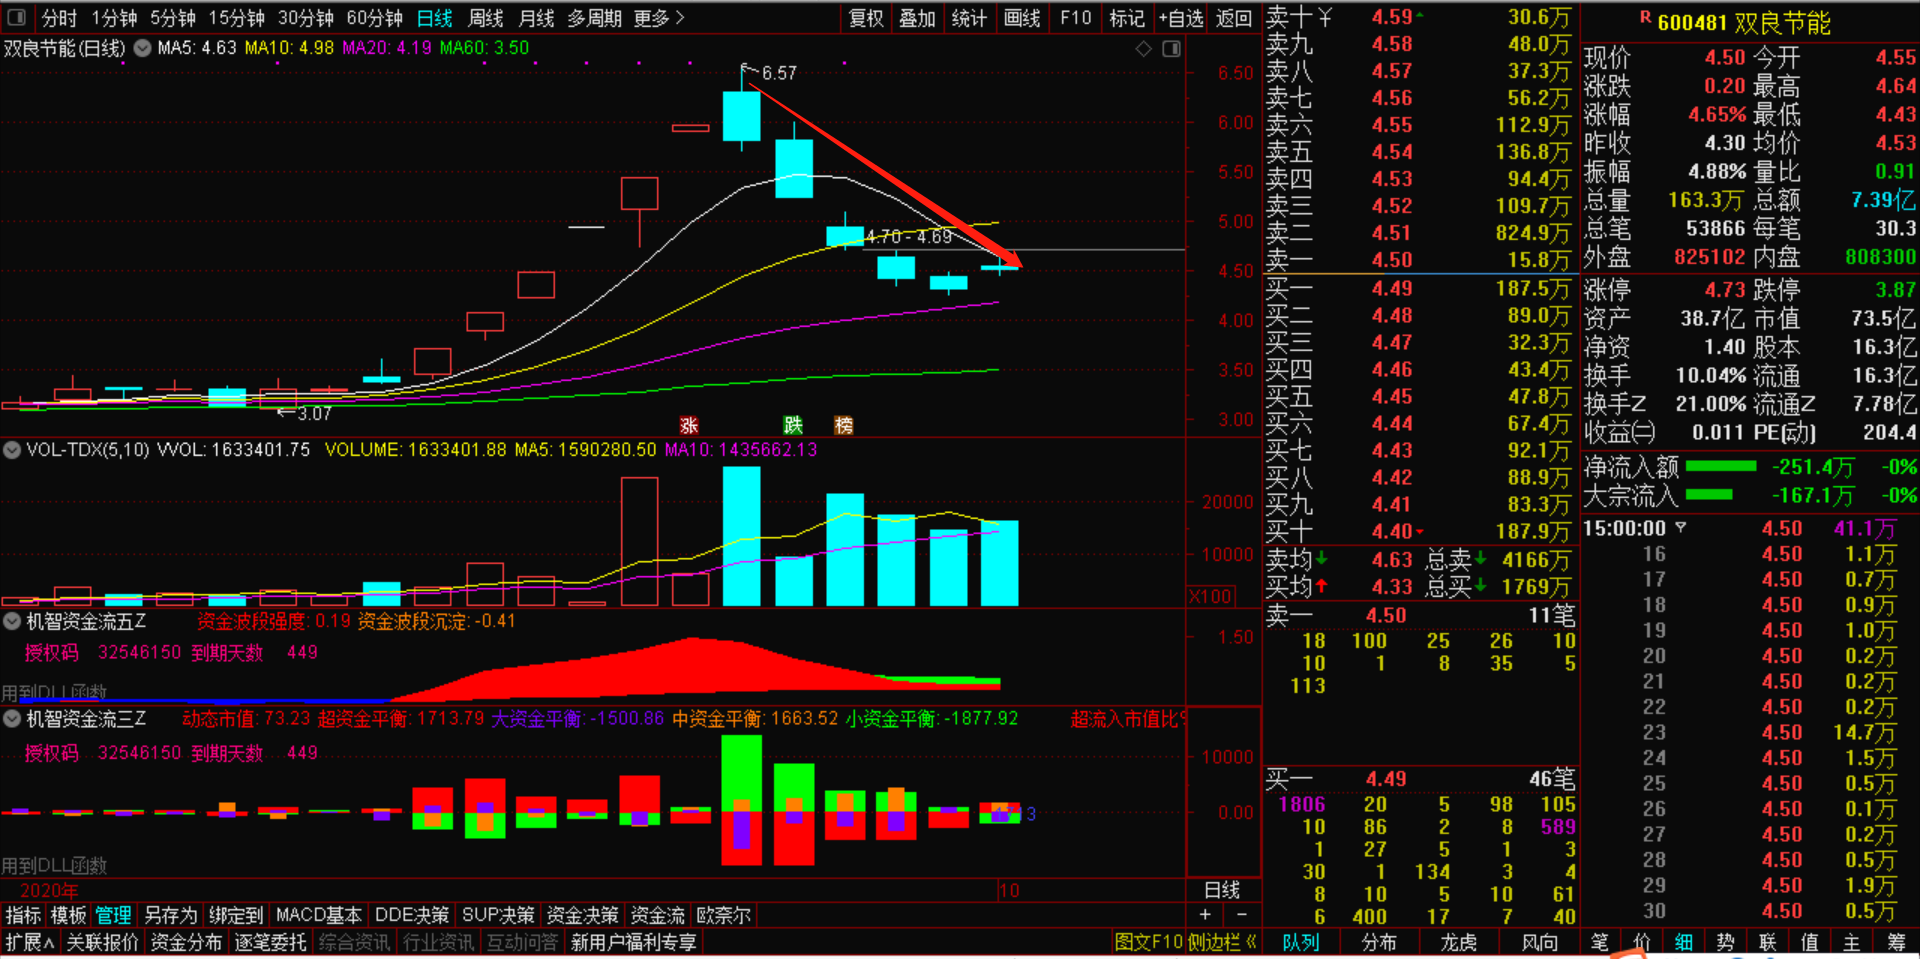 10月10号主力资金流出股价下跌-机智资金流